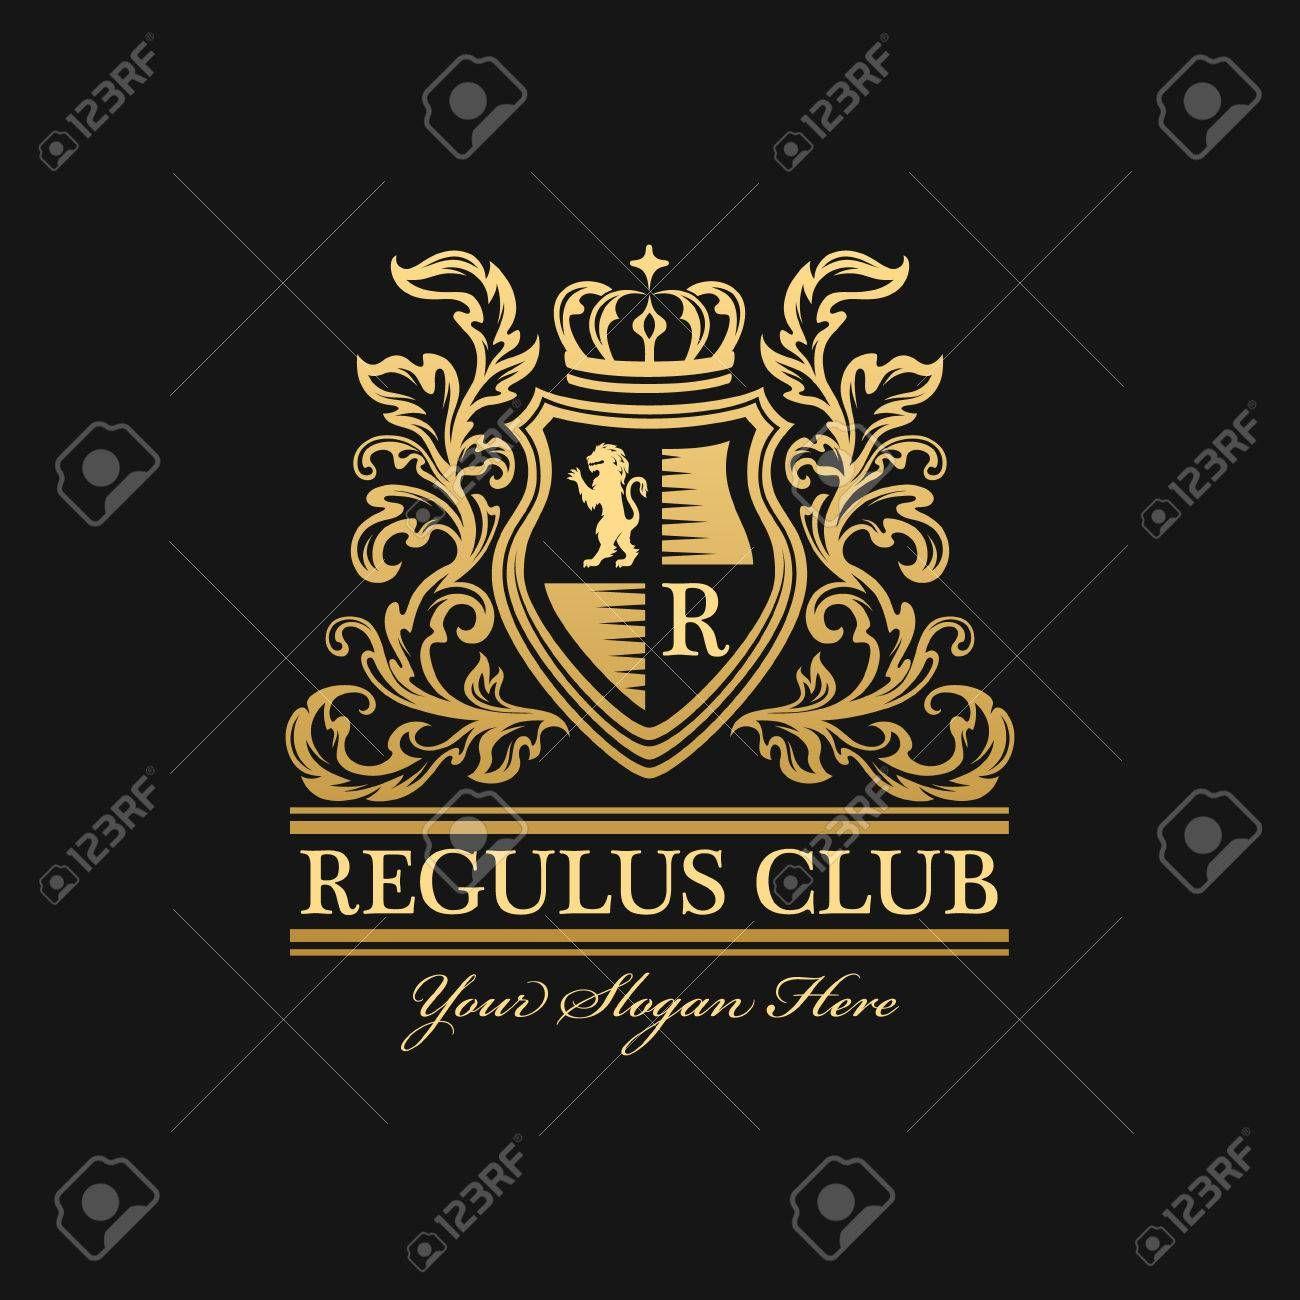 紋章のロゴのテンプレートです ライオン モノグラム 王冠シンボルおよび繁栄の装飾とヴィンテージの装飾的なエンブレム 暗い背景 ロイヤリティフリークリップアート ベクター ストックイラストレーション Image 69476949 シンボル ロゴデザイン テンプレート